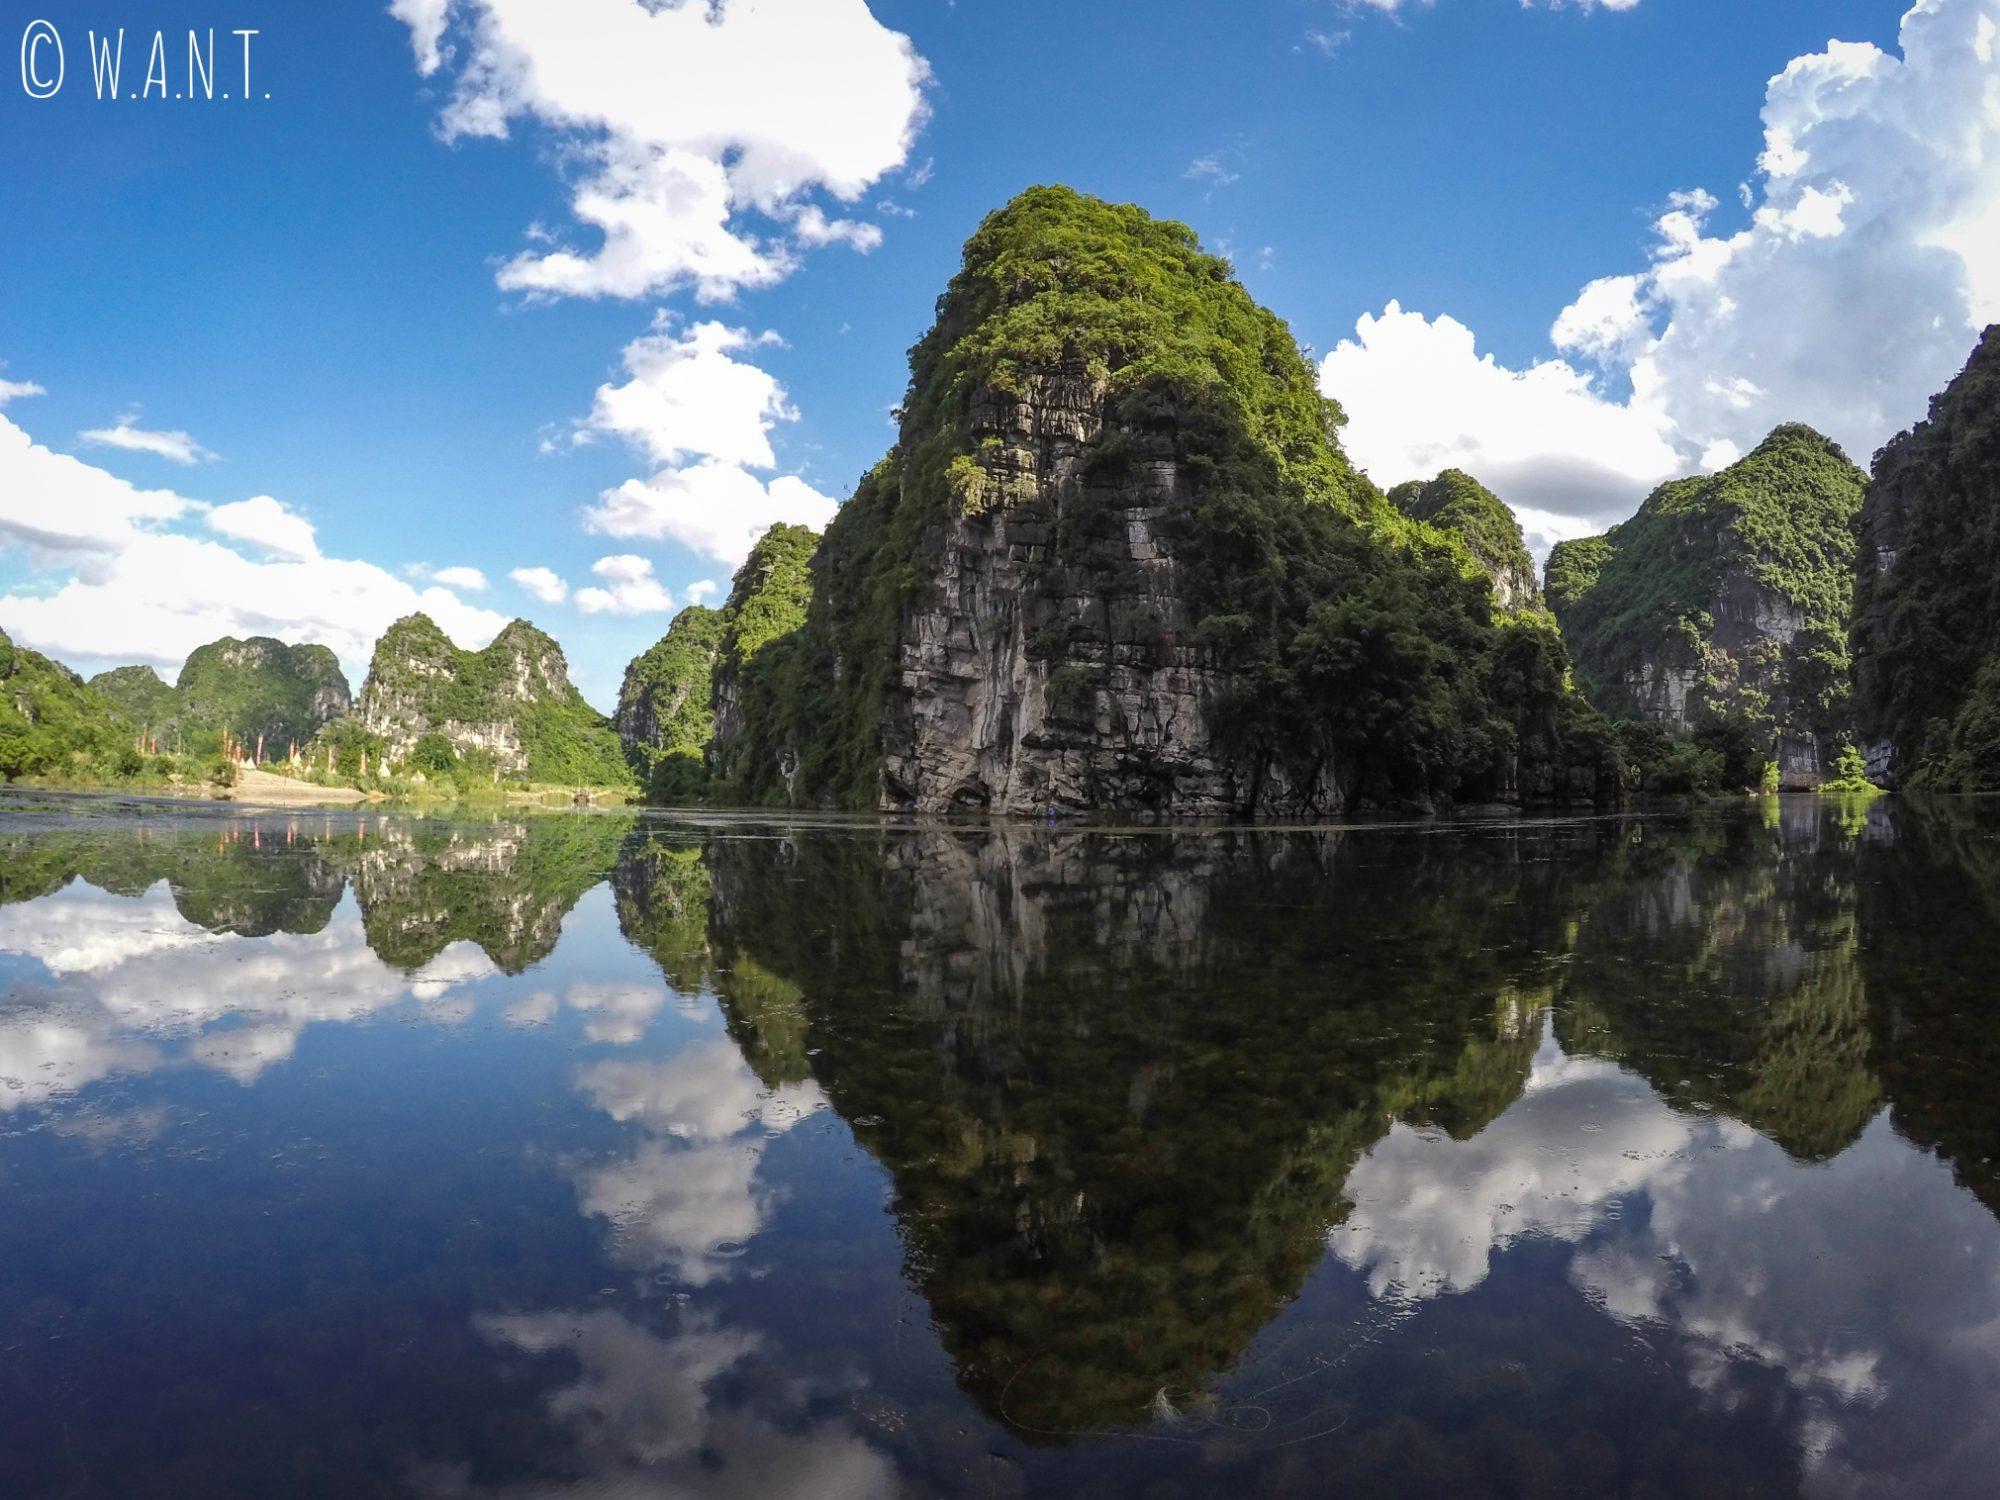 Reflets sur l'eau des pics karstiques à Trang An